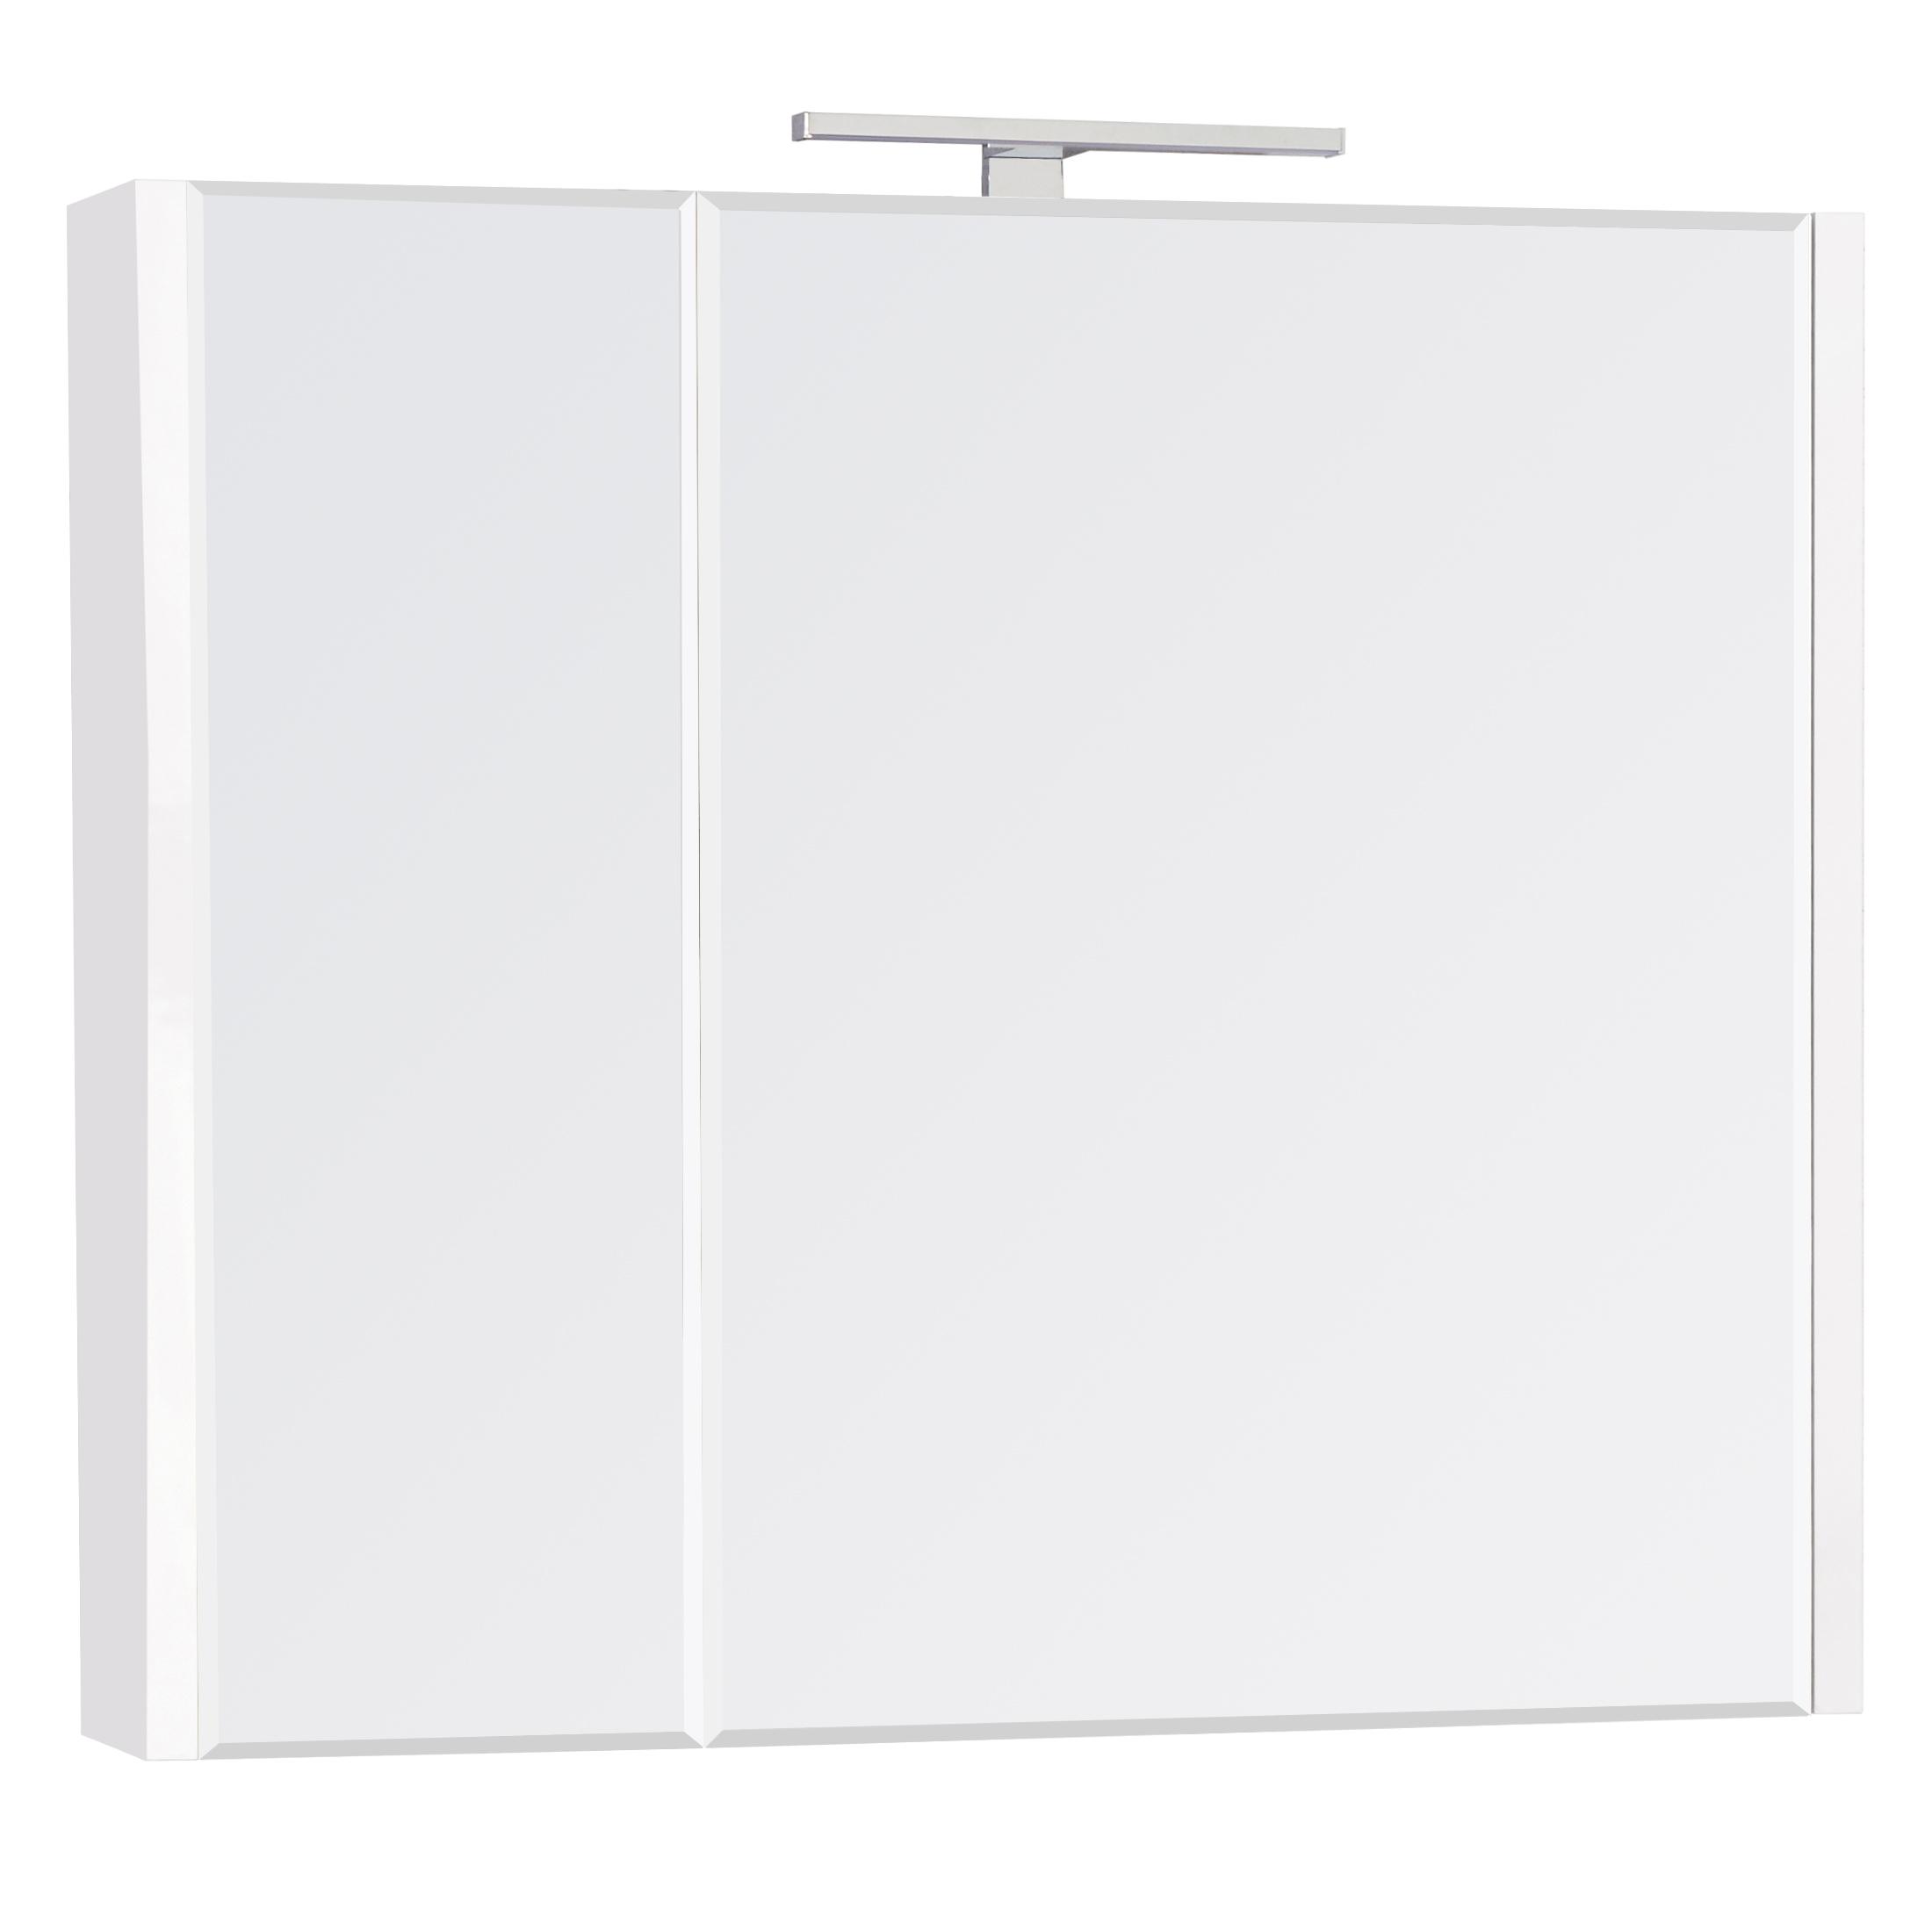 Фото - Зеркальный шкаф Roca Etna 80 см белый глянец 857304806 шкаф пенал roca etna 45 857303806 подвесной белый глянцевый